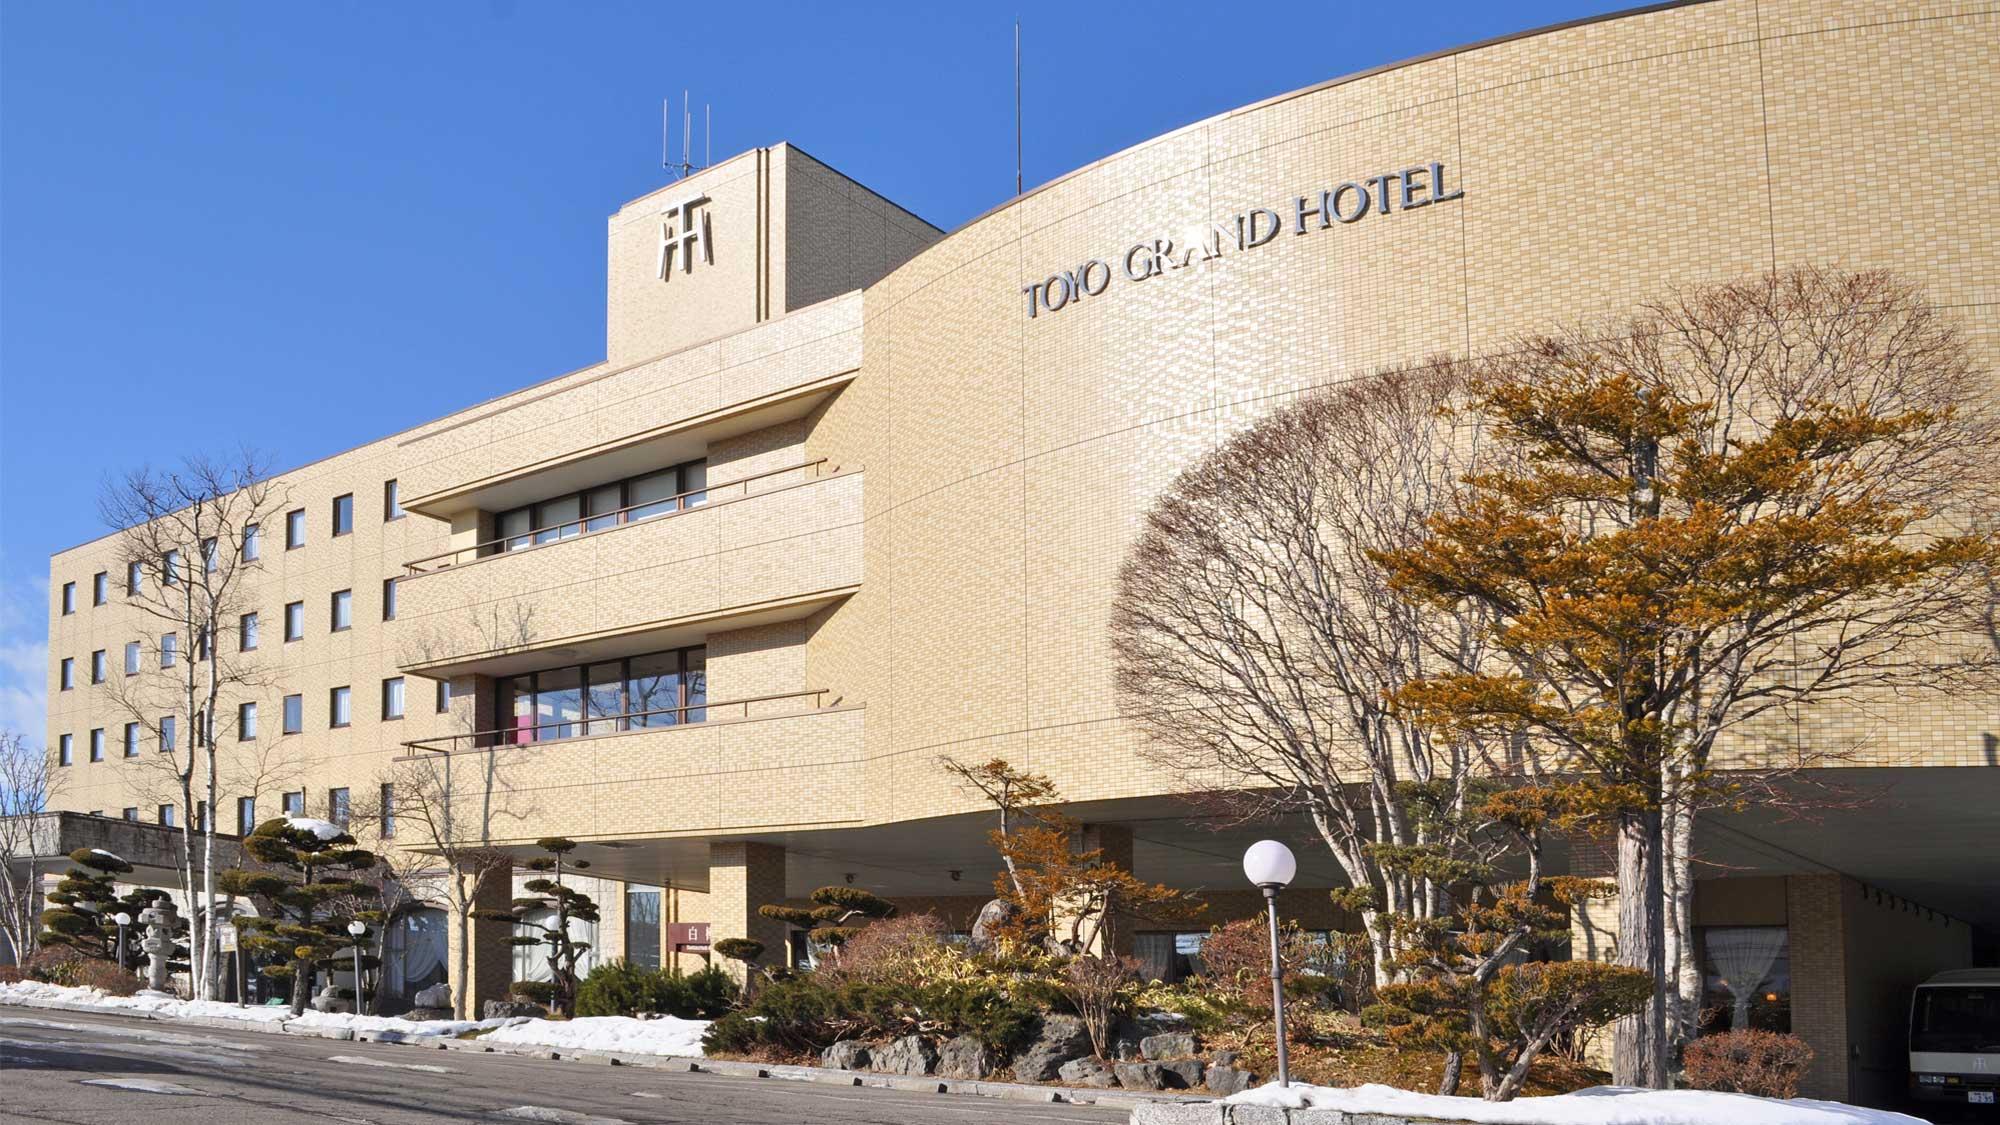 中標津温泉 トーヨーグランドホテル...